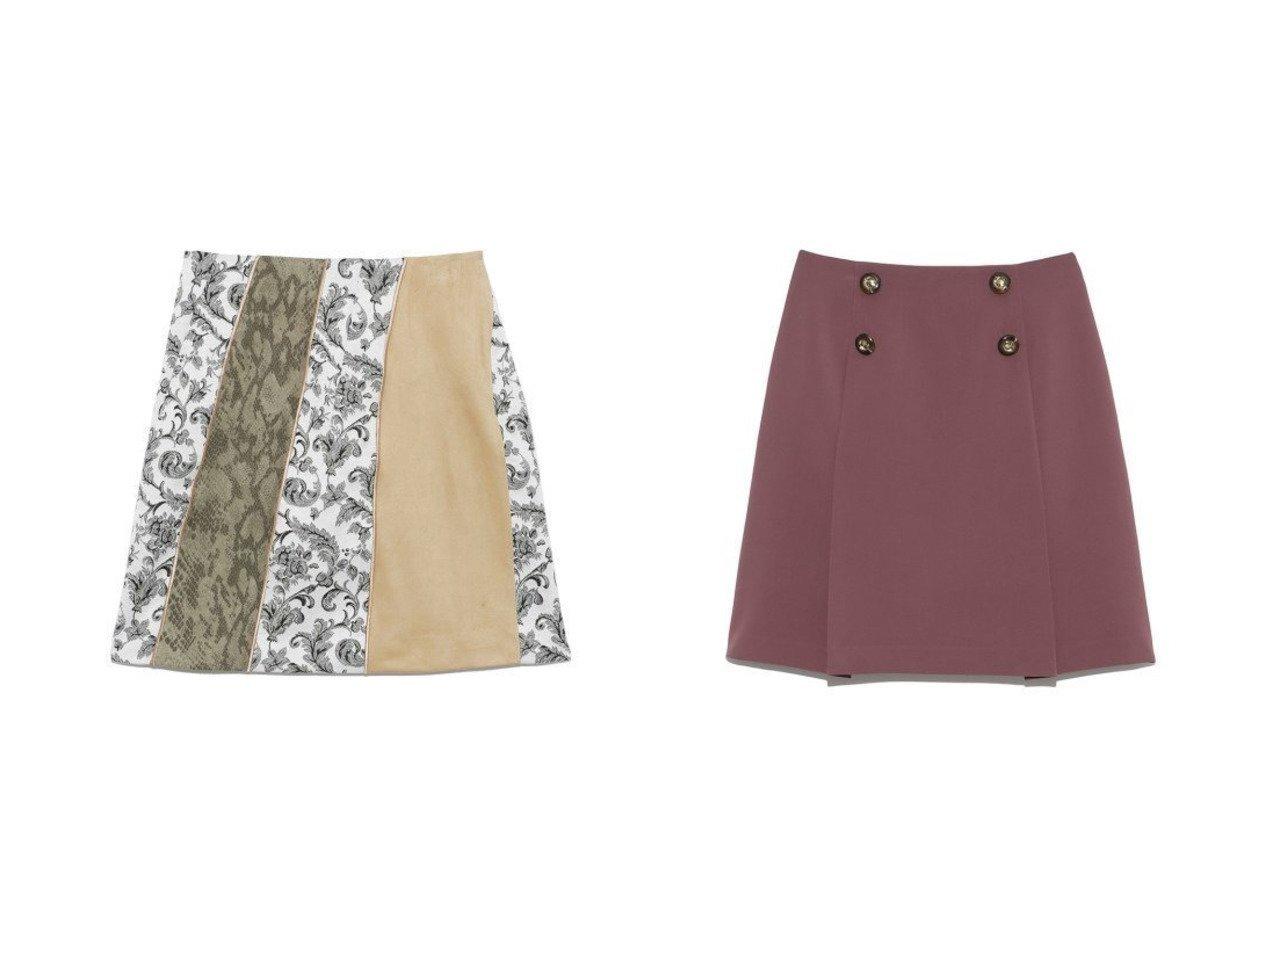 【Lily Brown/リリーブラウン】のカラーブロックスカート&釦デザインタックミニスカート Lily Brownのおすすめ!人気、トレンド・レディースファッションの通販 おすすめで人気の流行・トレンド、ファッションの通販商品 メンズファッション・キッズファッション・インテリア・家具・レディースファッション・服の通販 founy(ファニー) https://founy.com/ ファッション Fashion レディースファッション WOMEN スカート Skirt ミニスカート Mini Skirts スウェード スマート 台形 バランス パイソン ブロック ミックス ミニスカート シンプル フレア フロント 再入荷 Restock/Back in Stock/Re Arrival  ID:crp329100000019639